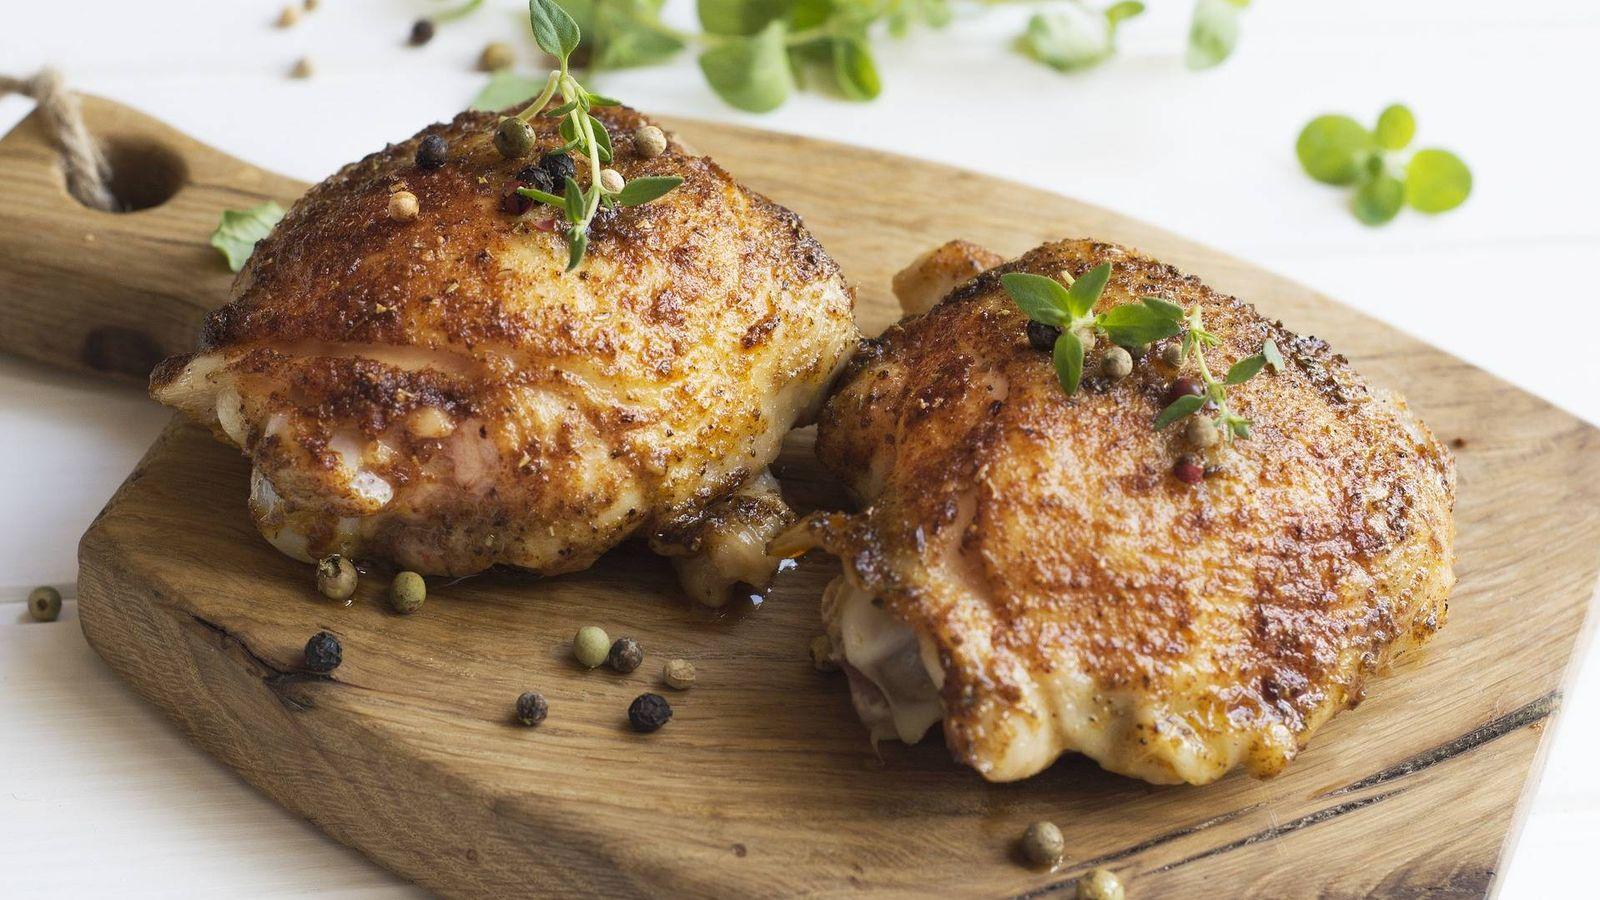 Foto: La carne de pollo es una de las más saludables.